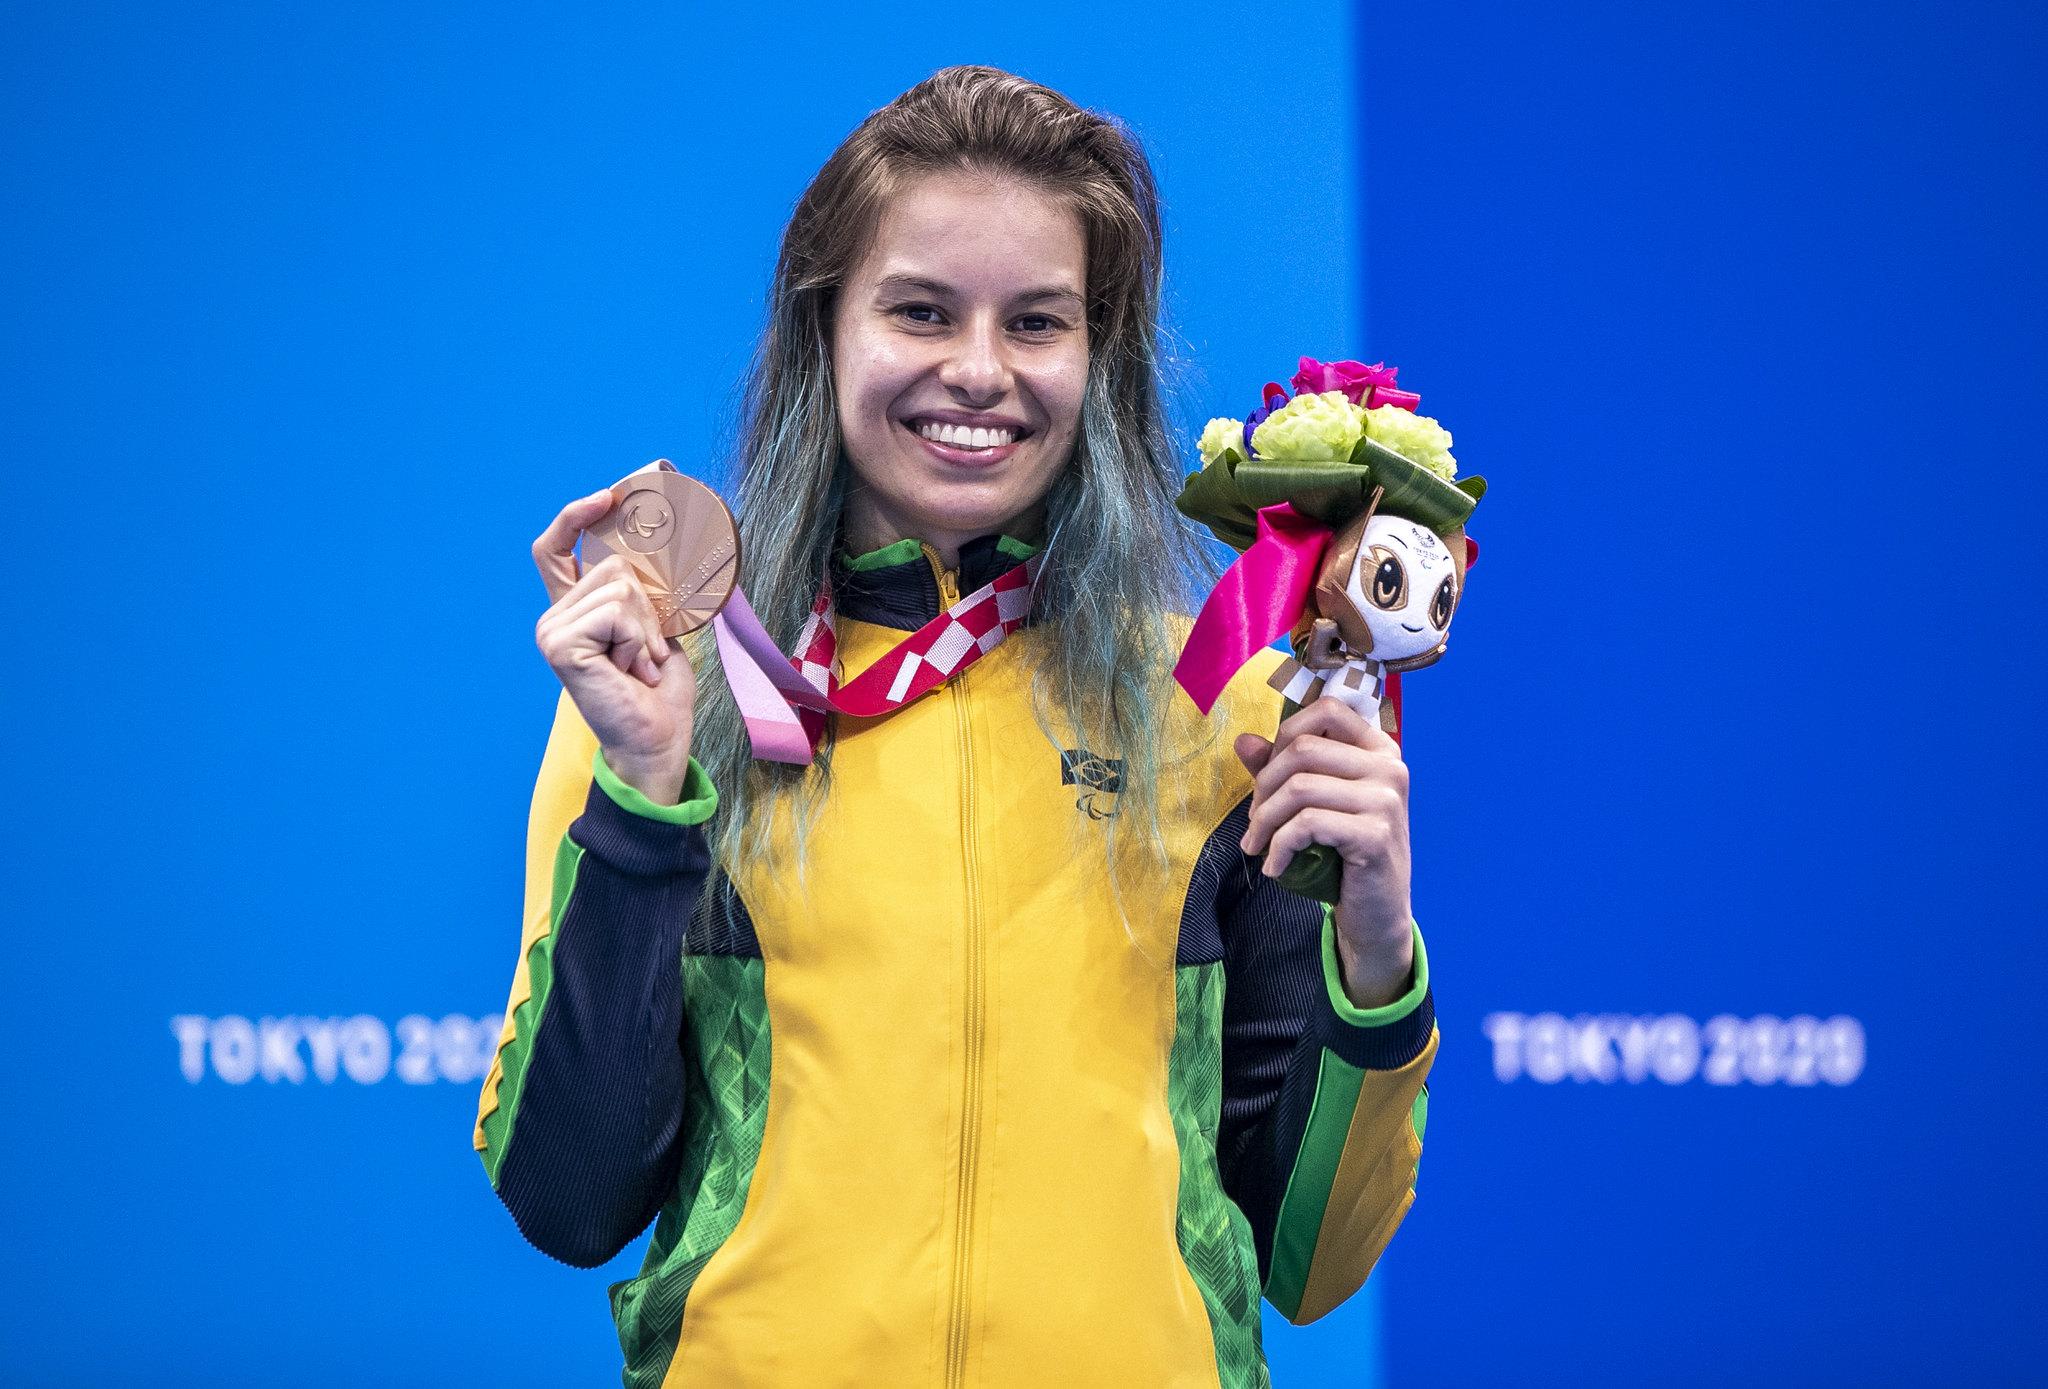 Beatriz sorri para a câmera, vestindo o agasalho da delegação brasileira e segurando sua medalha e um buquê de flores